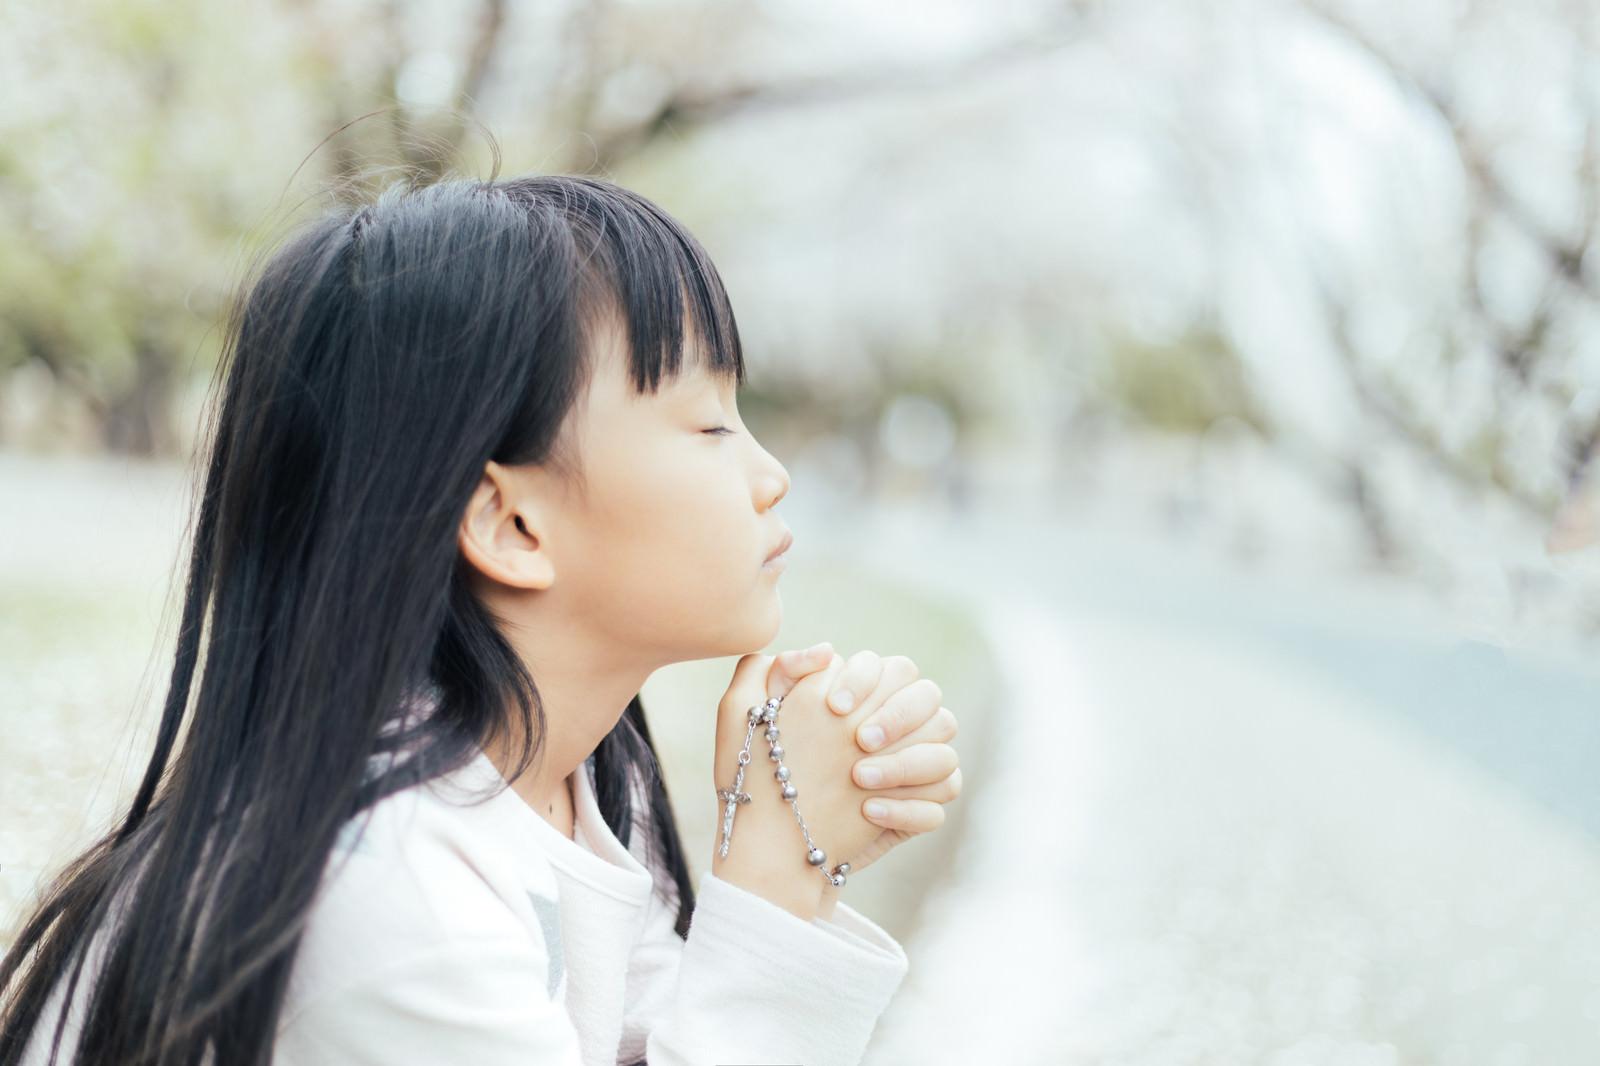 「ロザリアを握り祈るクリスチャンの子供」の写真[モデル:あんじゅ]